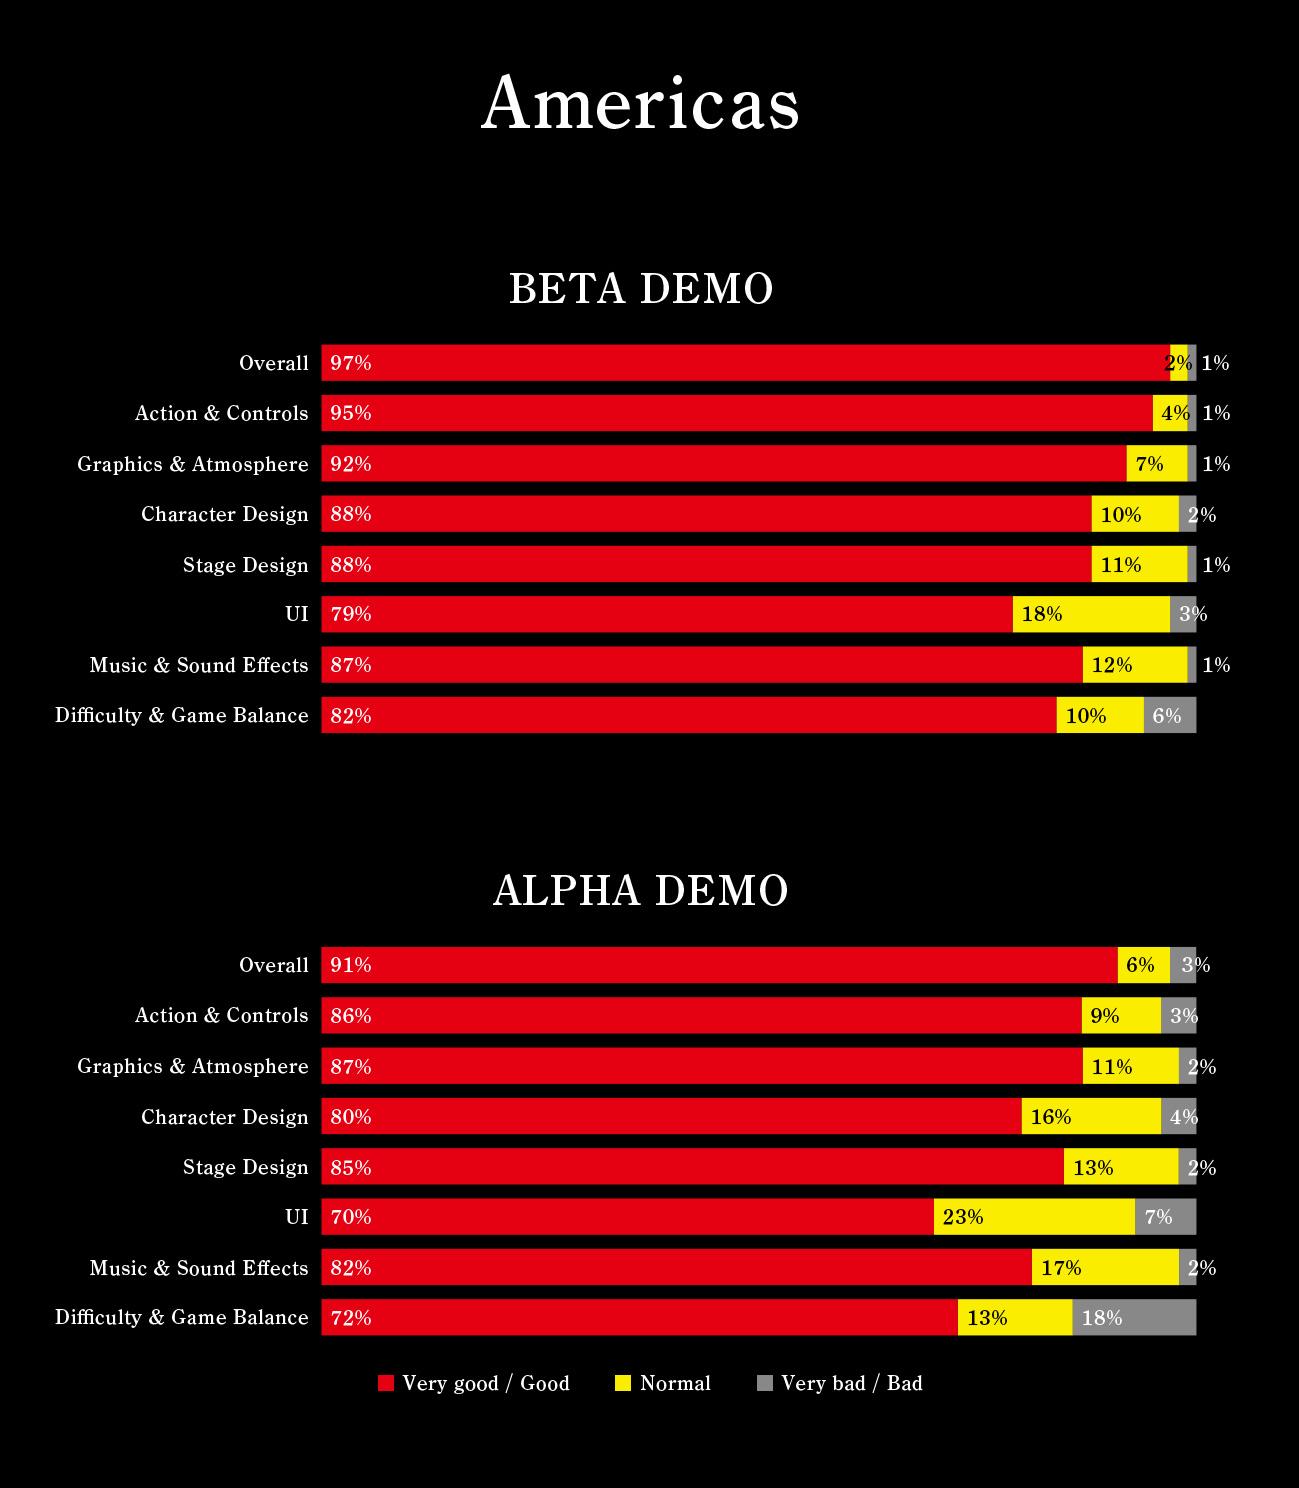 NiOh - výsledky průzkumu z beta dema 130914